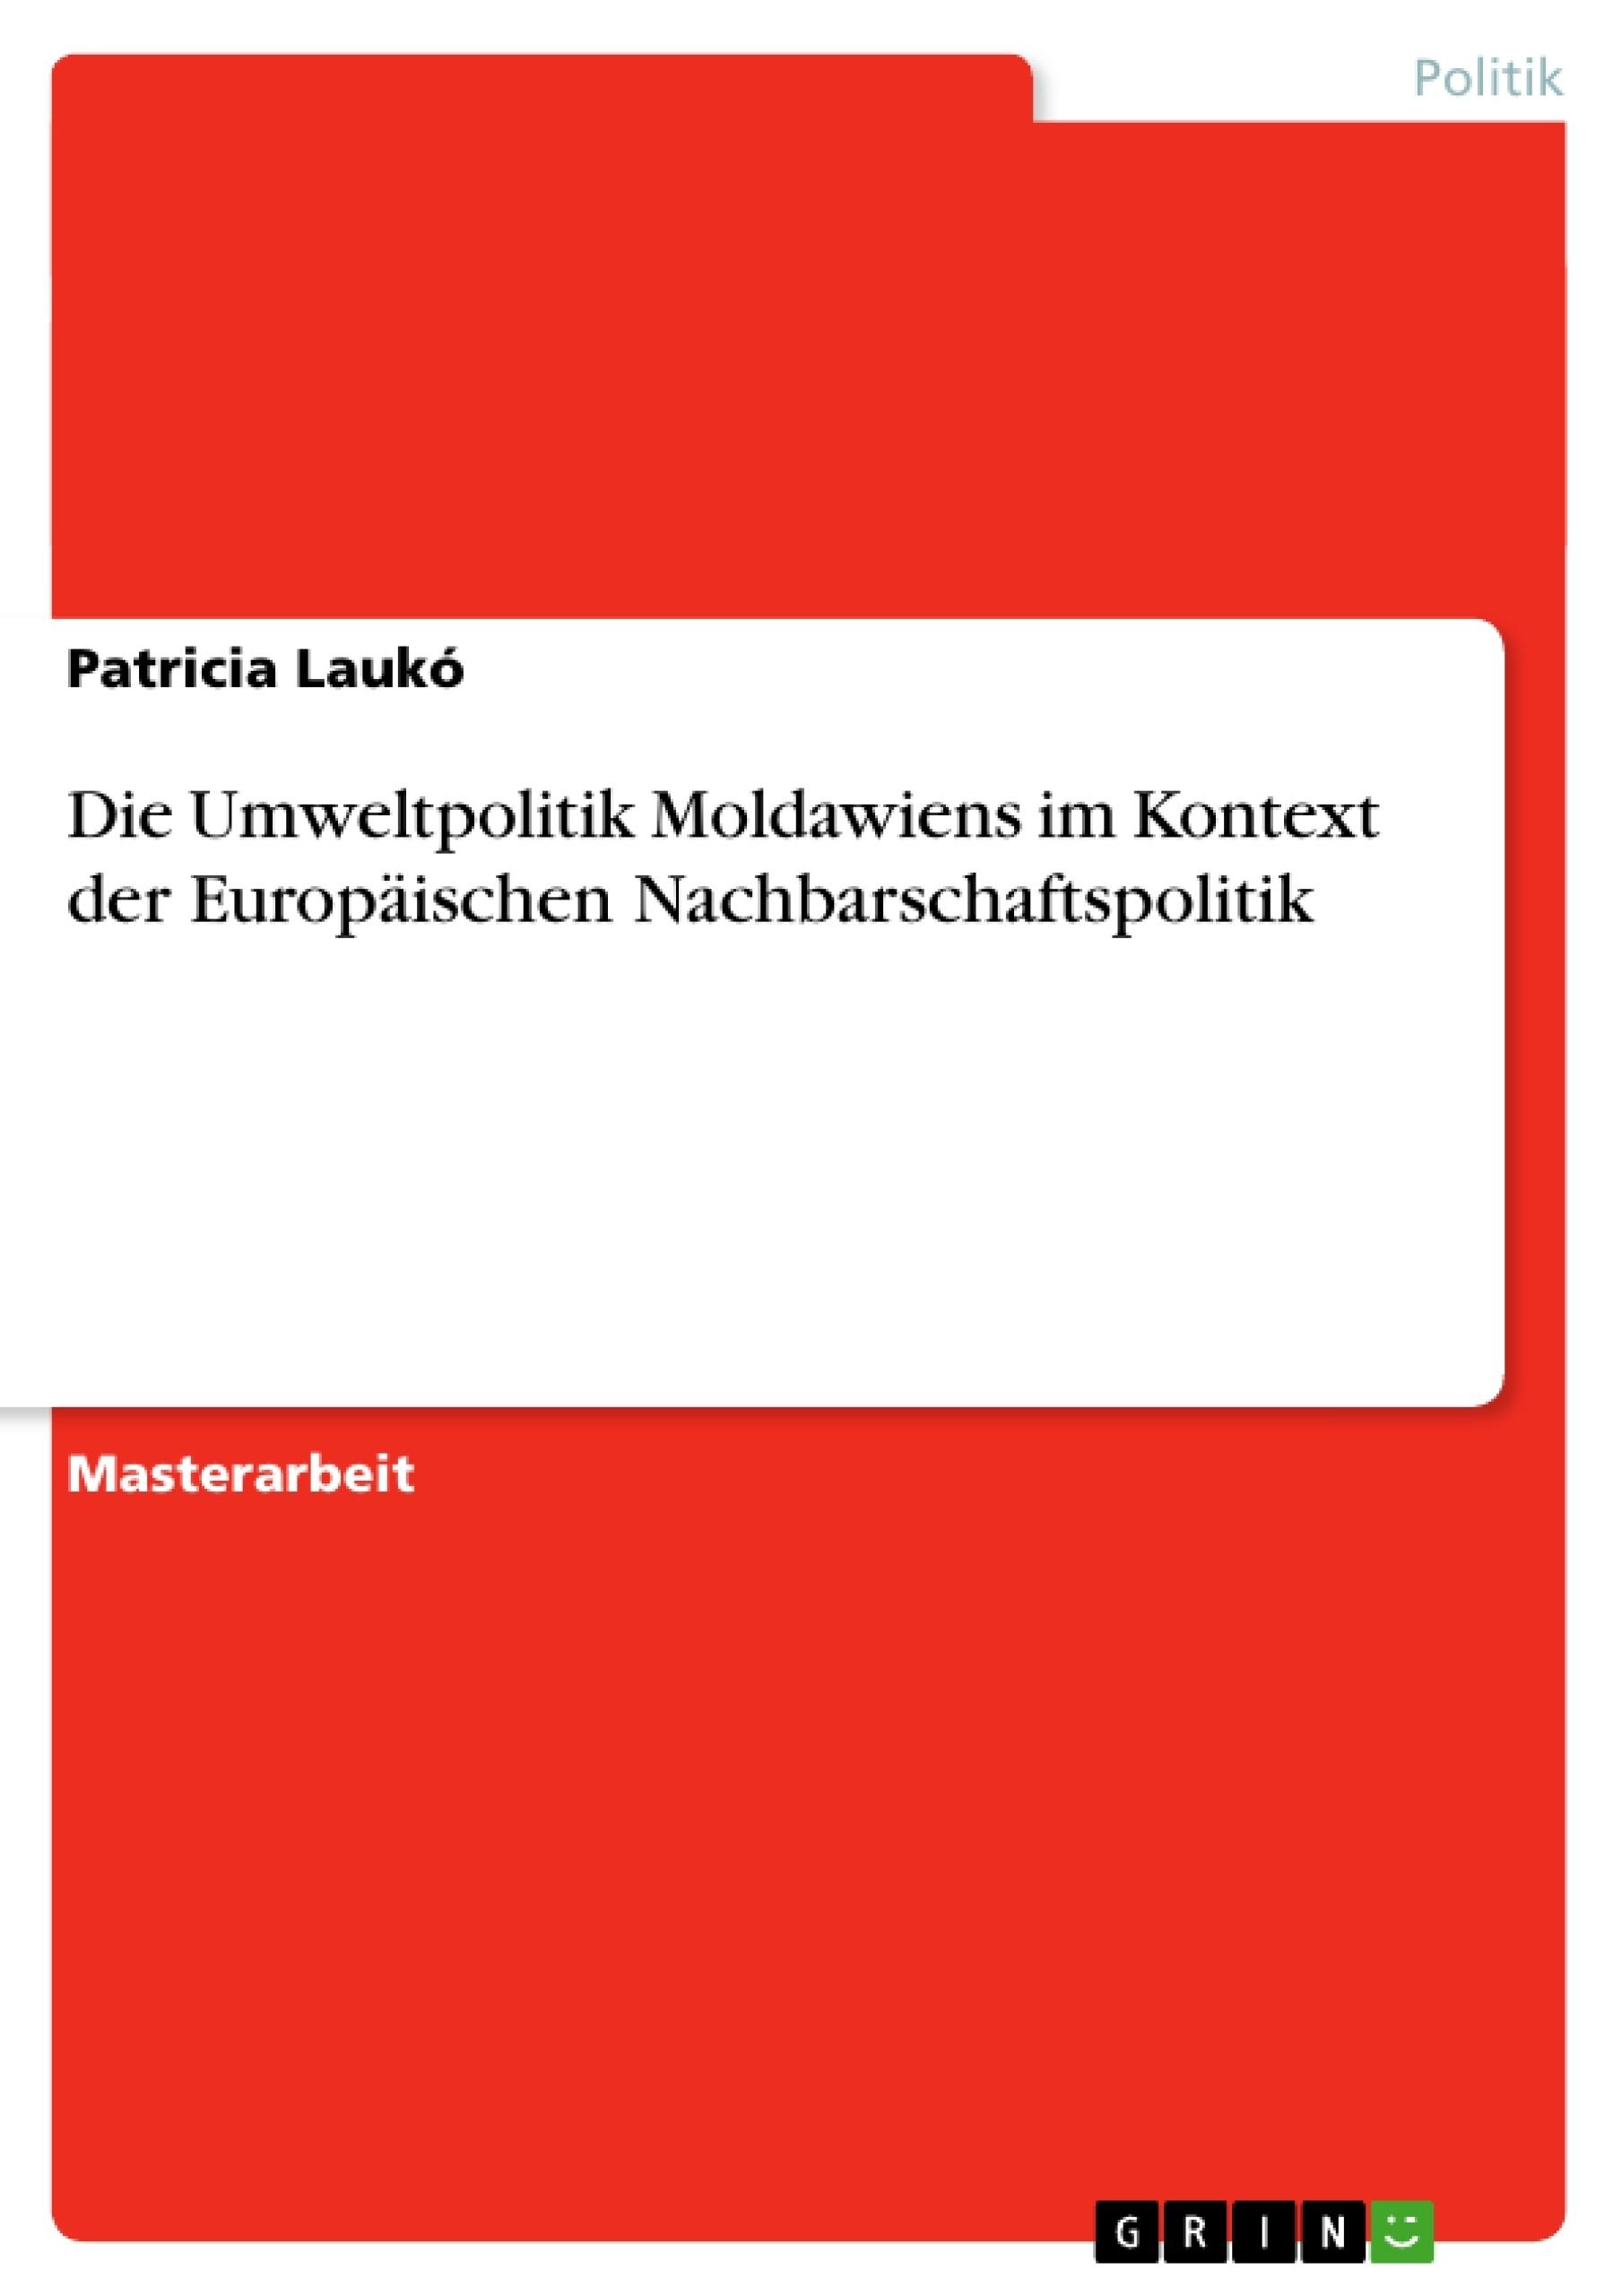 Titel: Die Umweltpolitik Moldawiens im Kontext der Europäischen Nachbarschaftspolitik